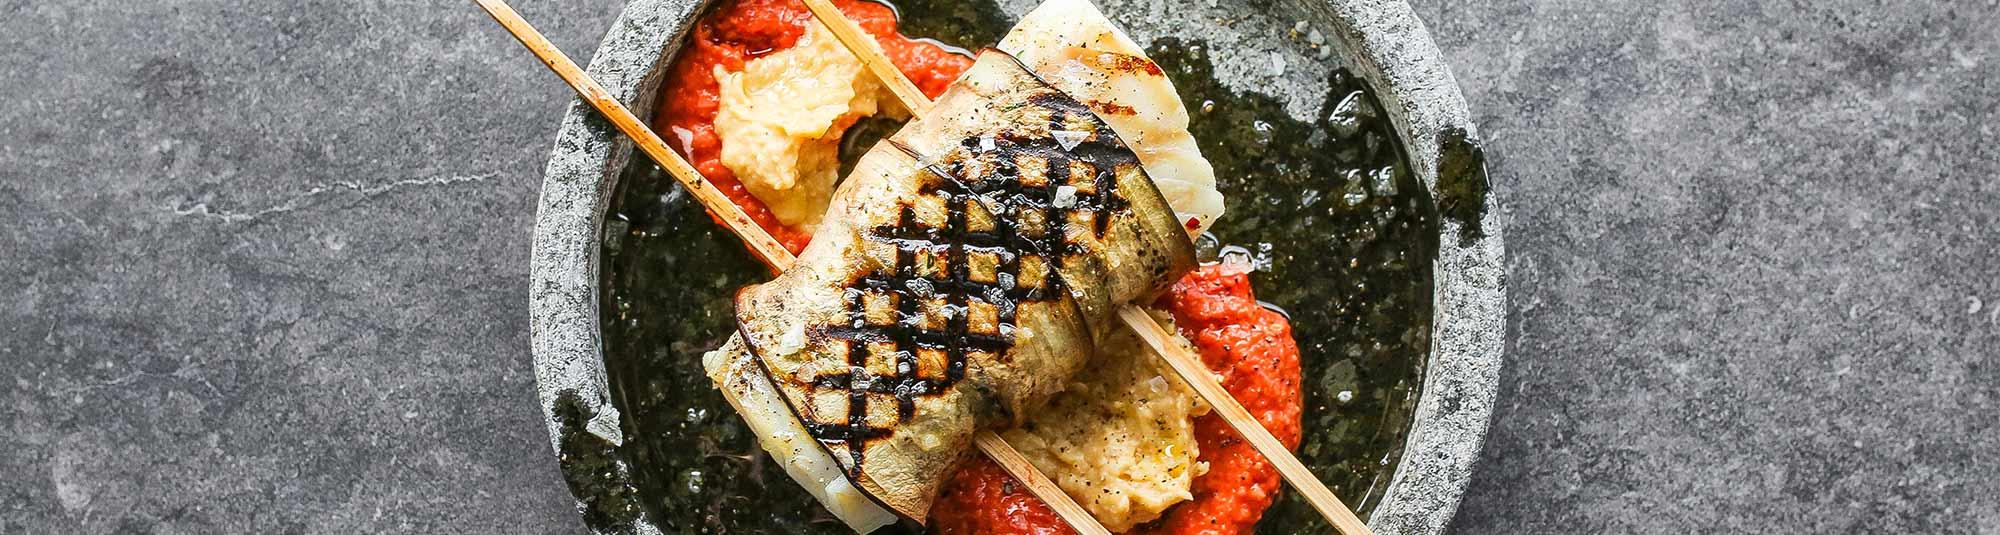 Grillad torskrygg  lindad i äggplanta och smaksatt med örter och chili.